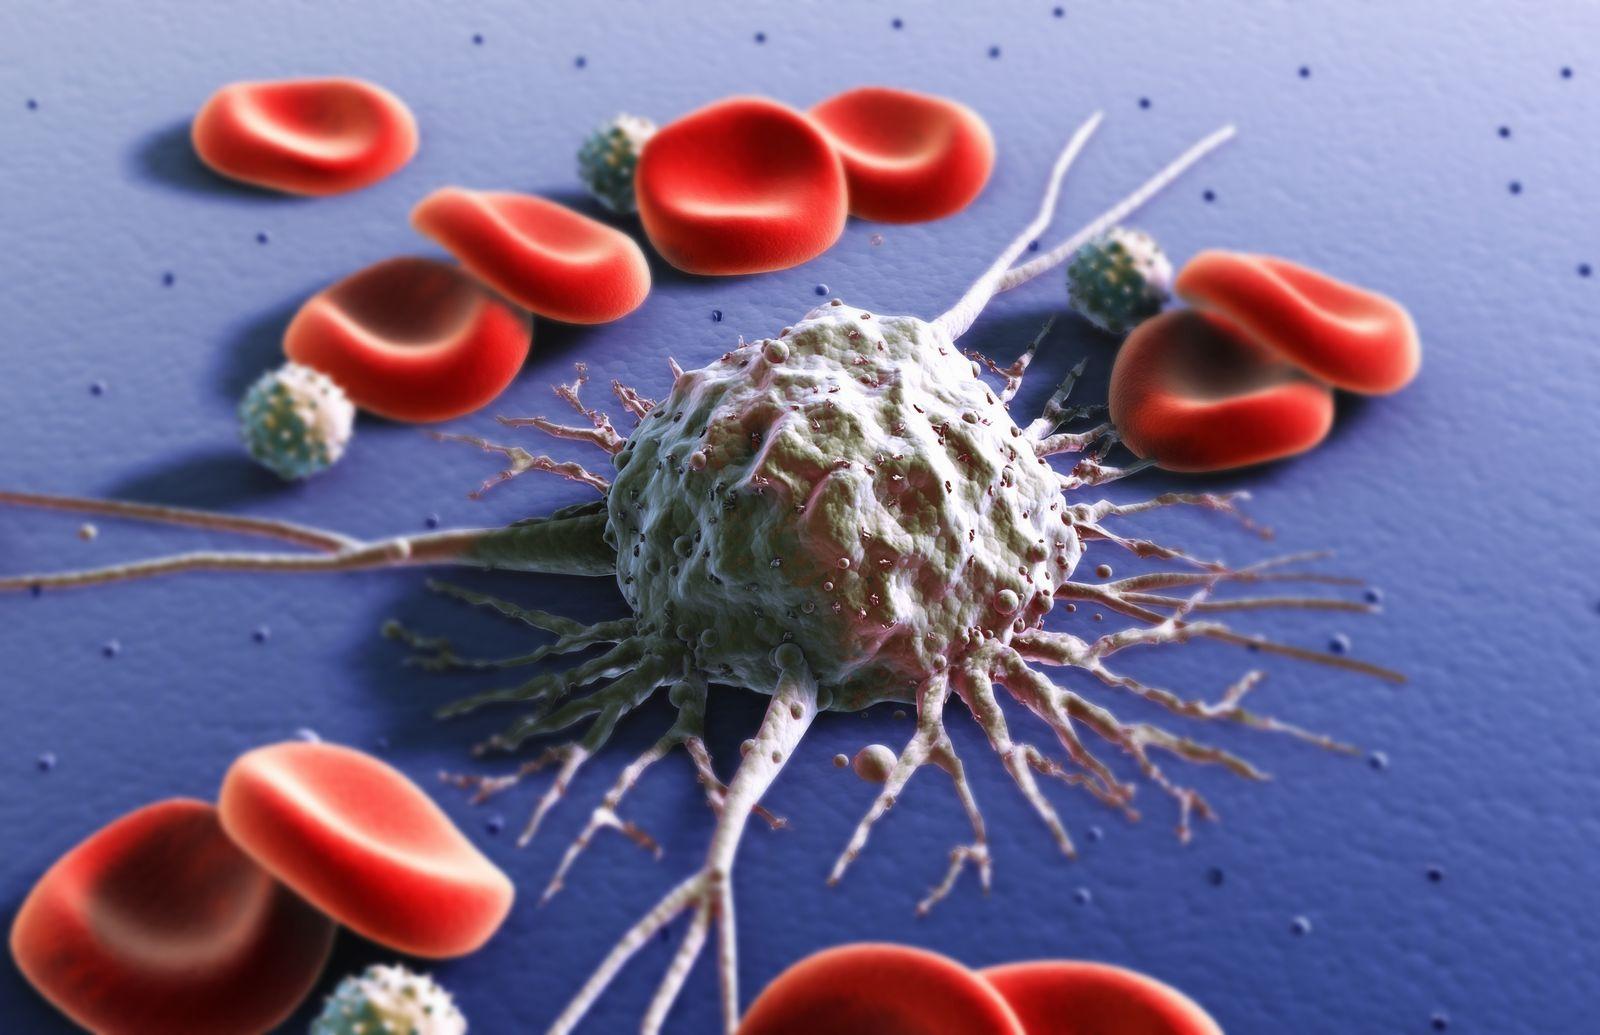 NICHT MEHR VERWENDEN! - Krebszelle / Krebs / Blutzelle